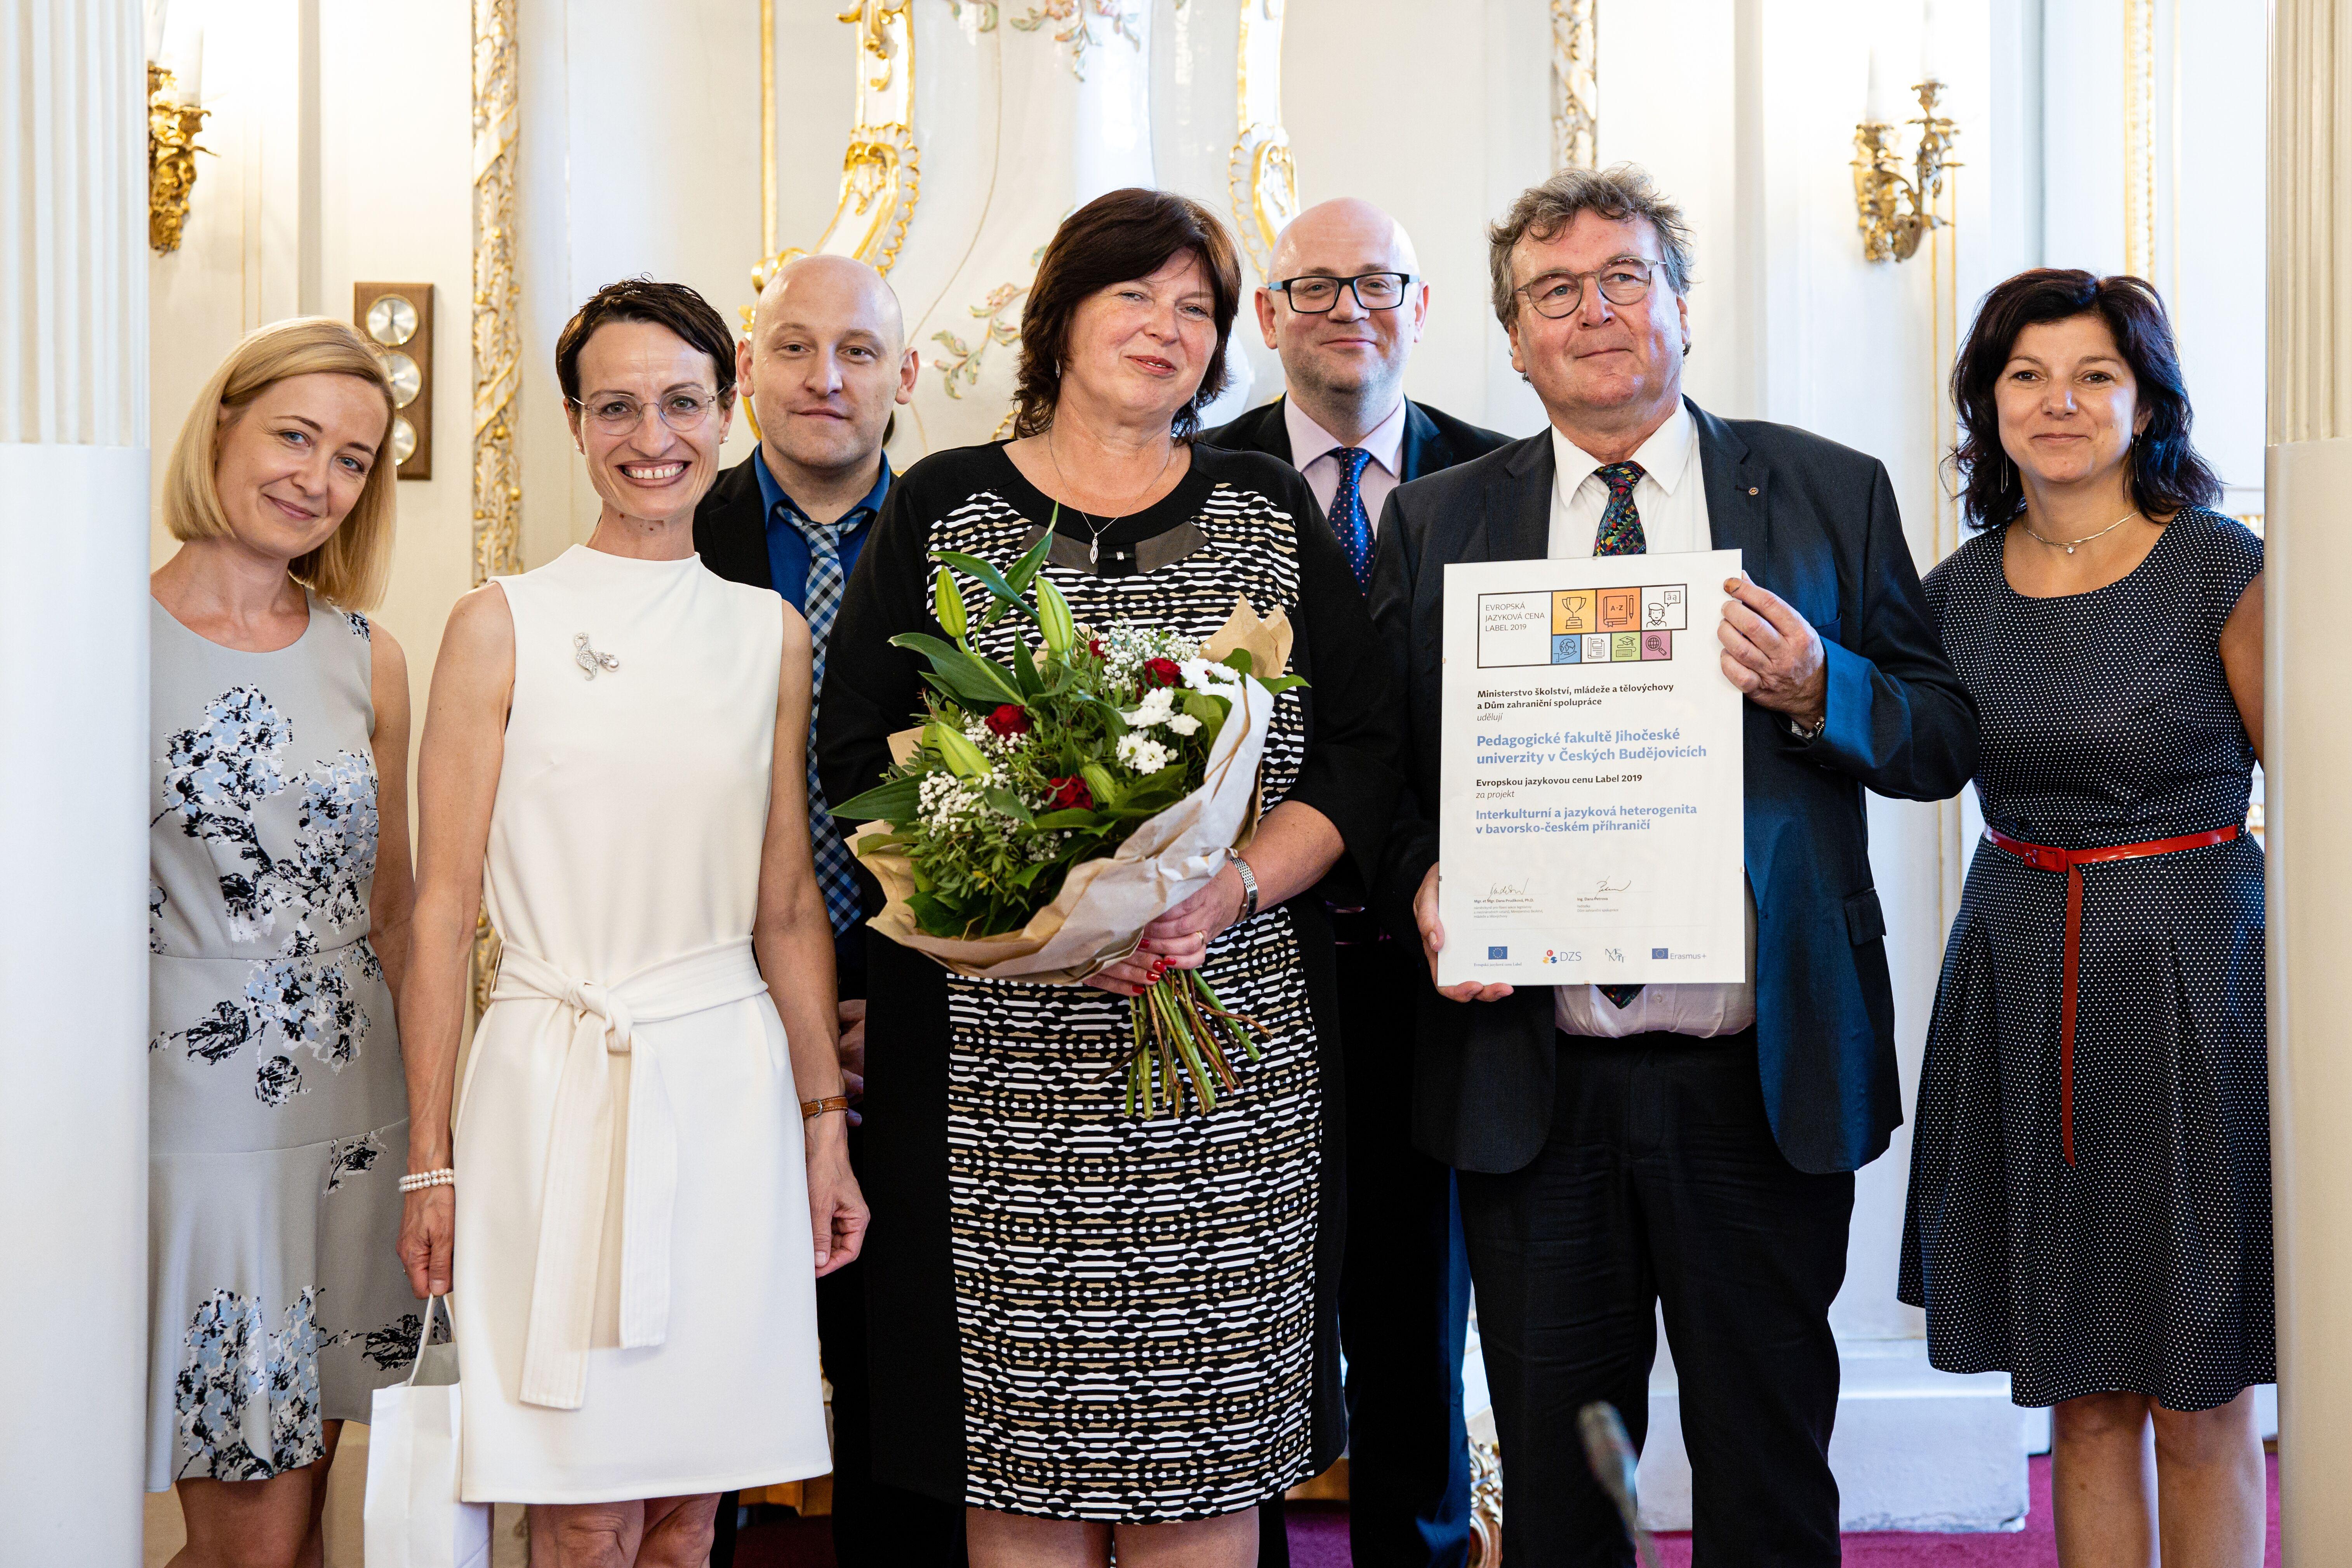 Die am Projekt Beteiligten freuen sich über die Auszeichnung in Prag